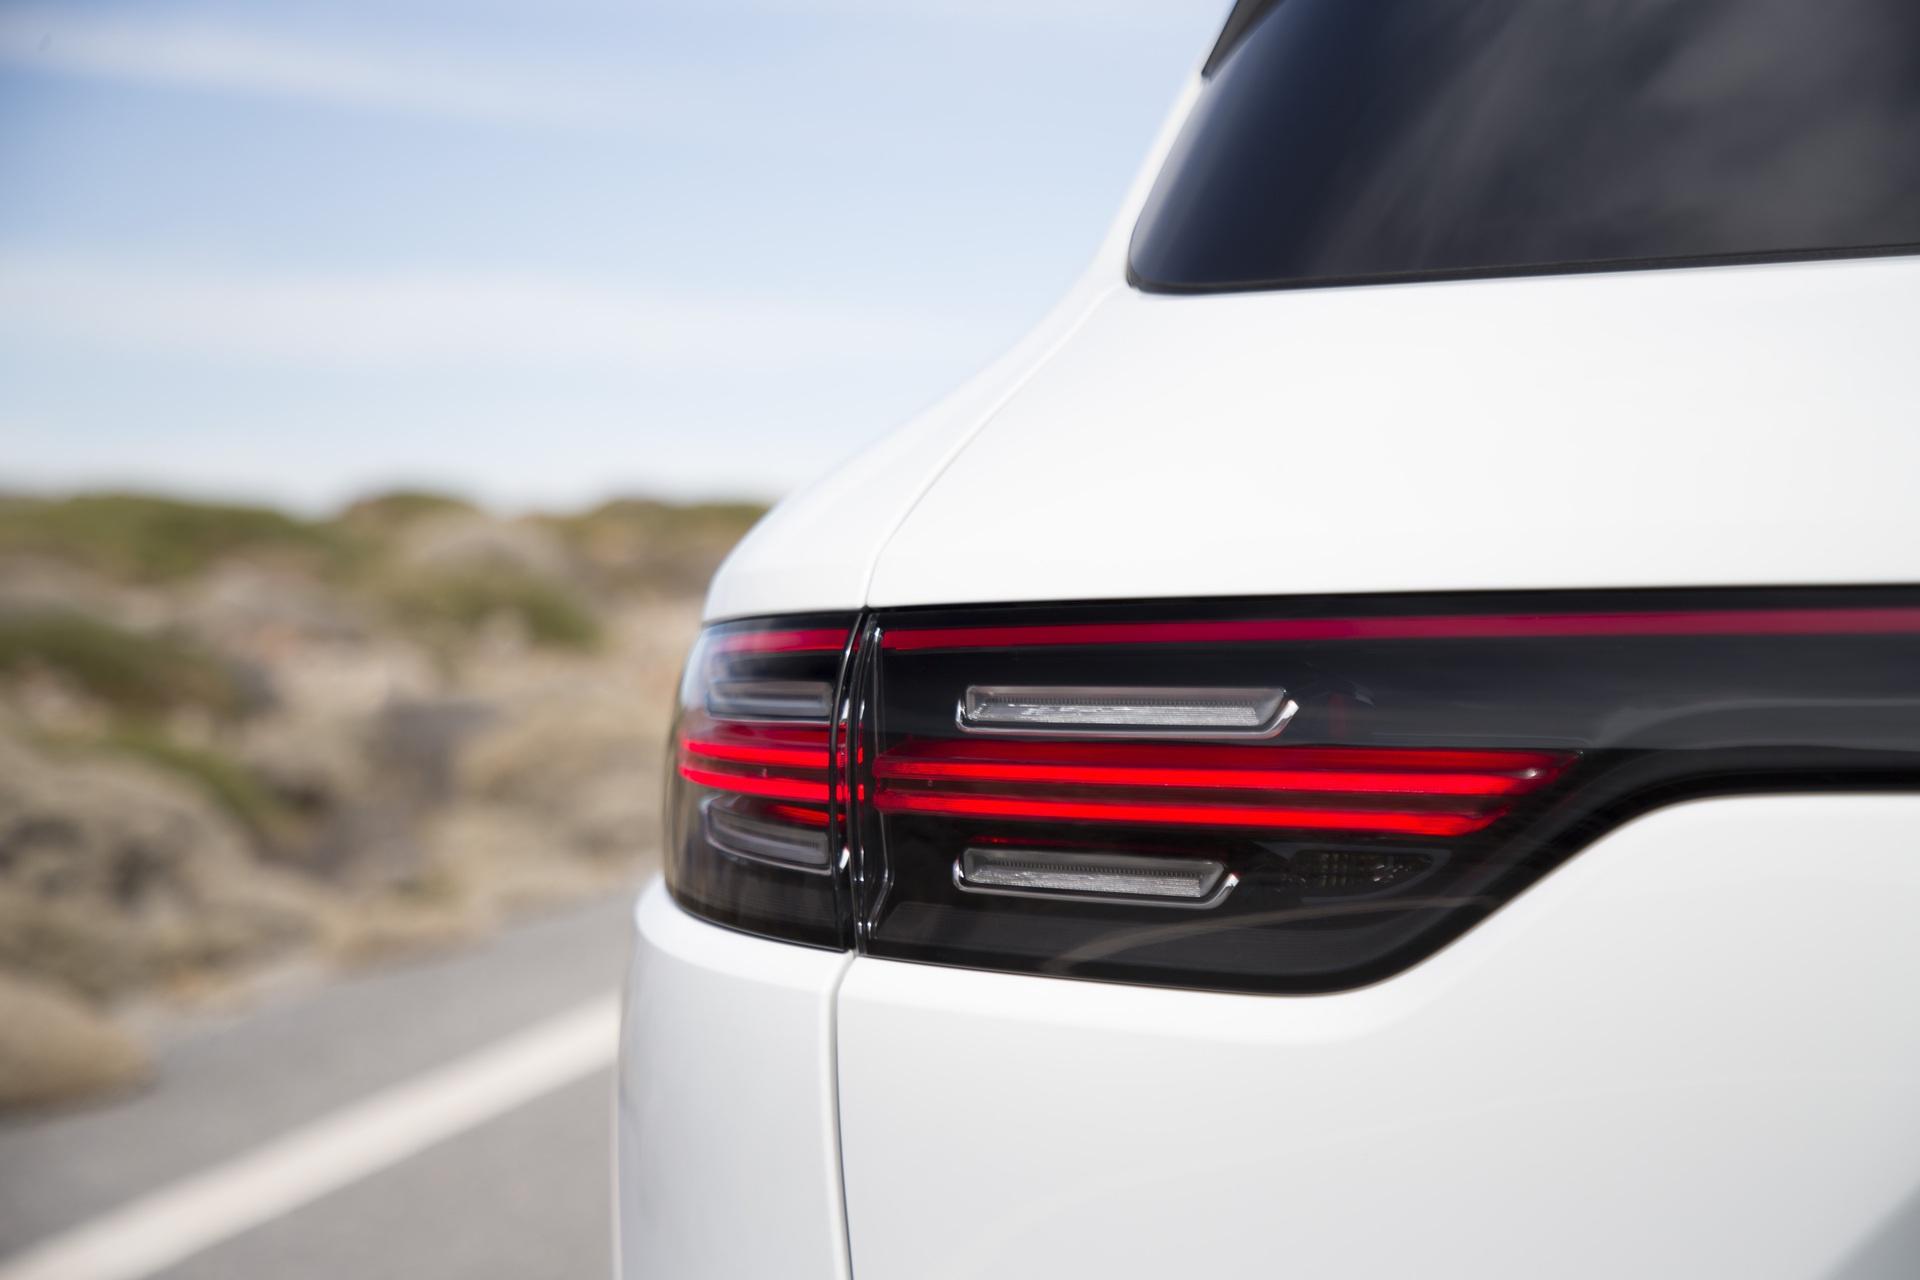 Test_Drive_Porsche_Cayenne_209